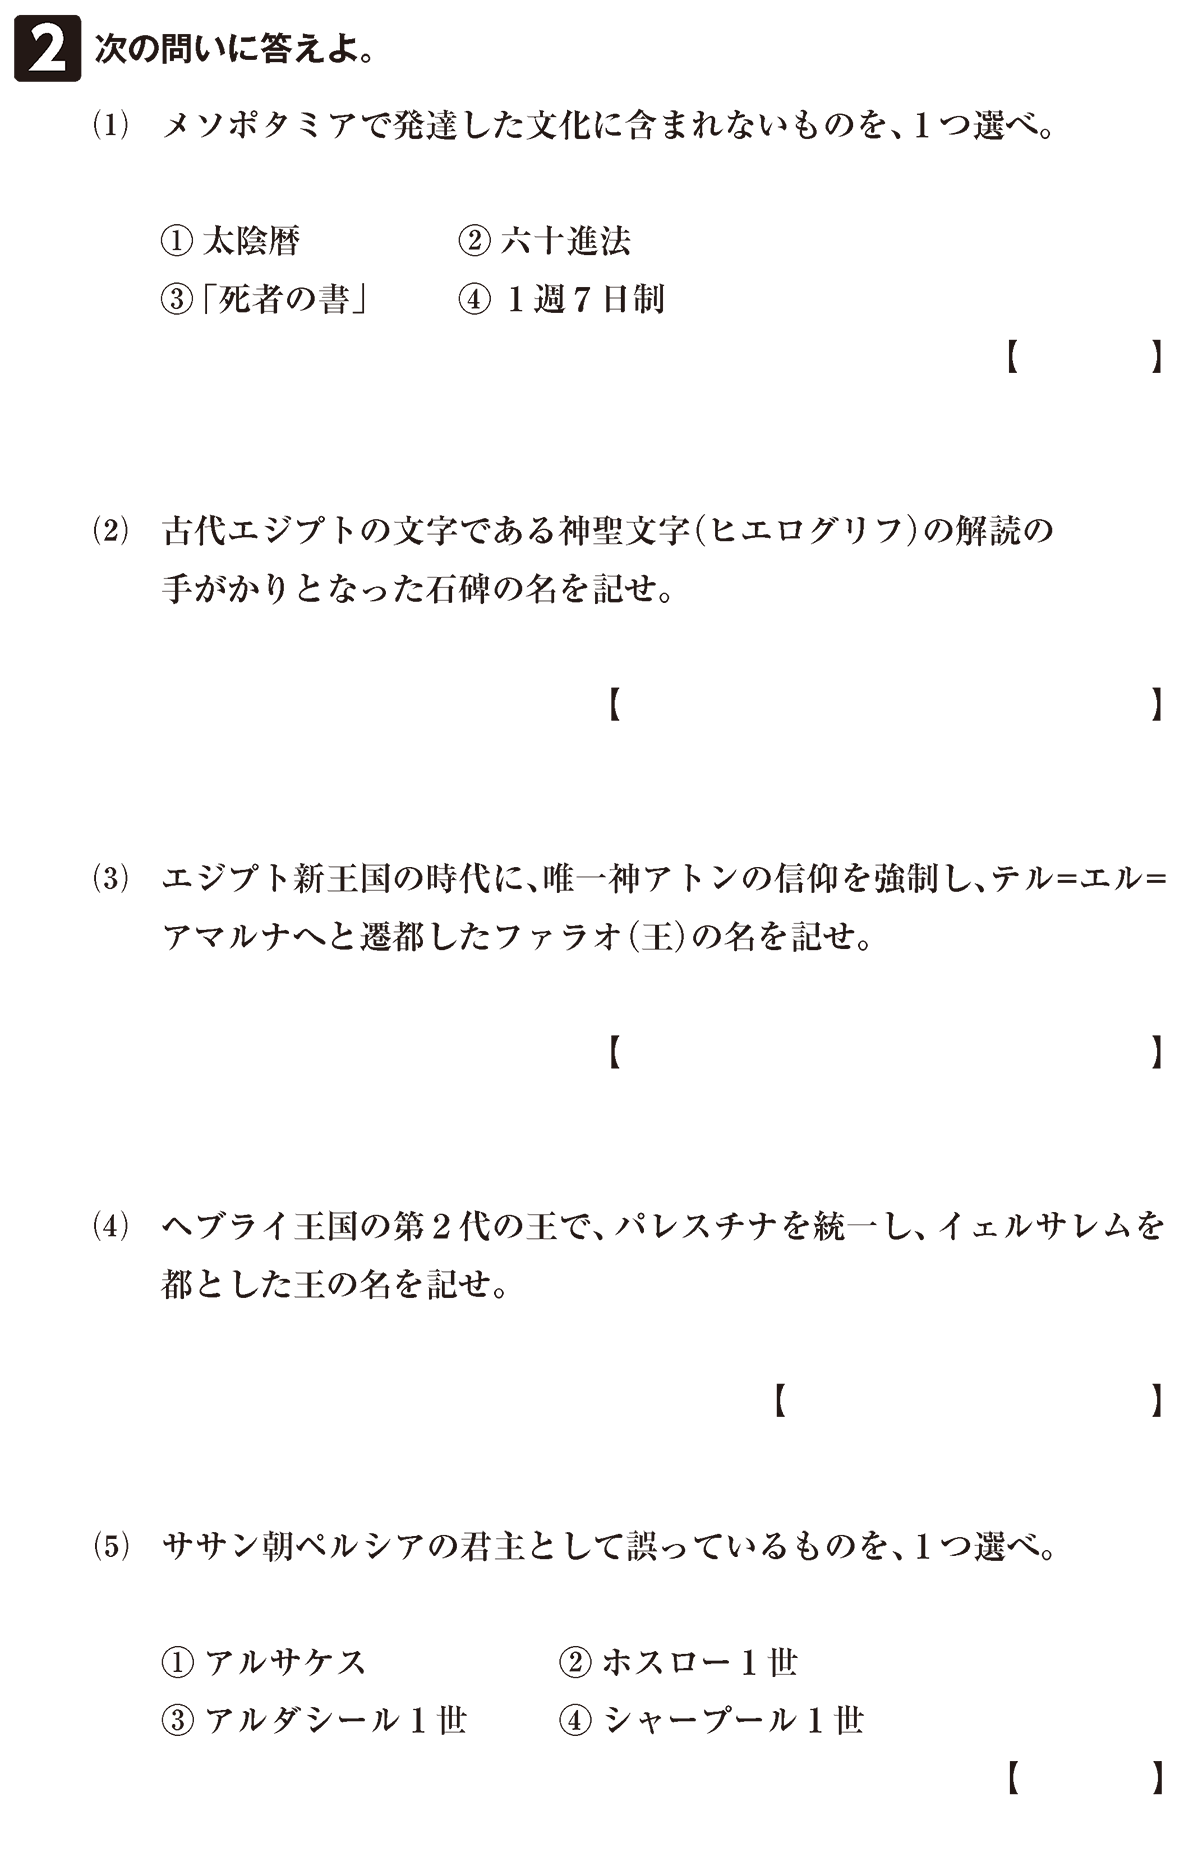 高校世界史 古代オリエント8 確認テスト(後半)問題2のみ答え無し